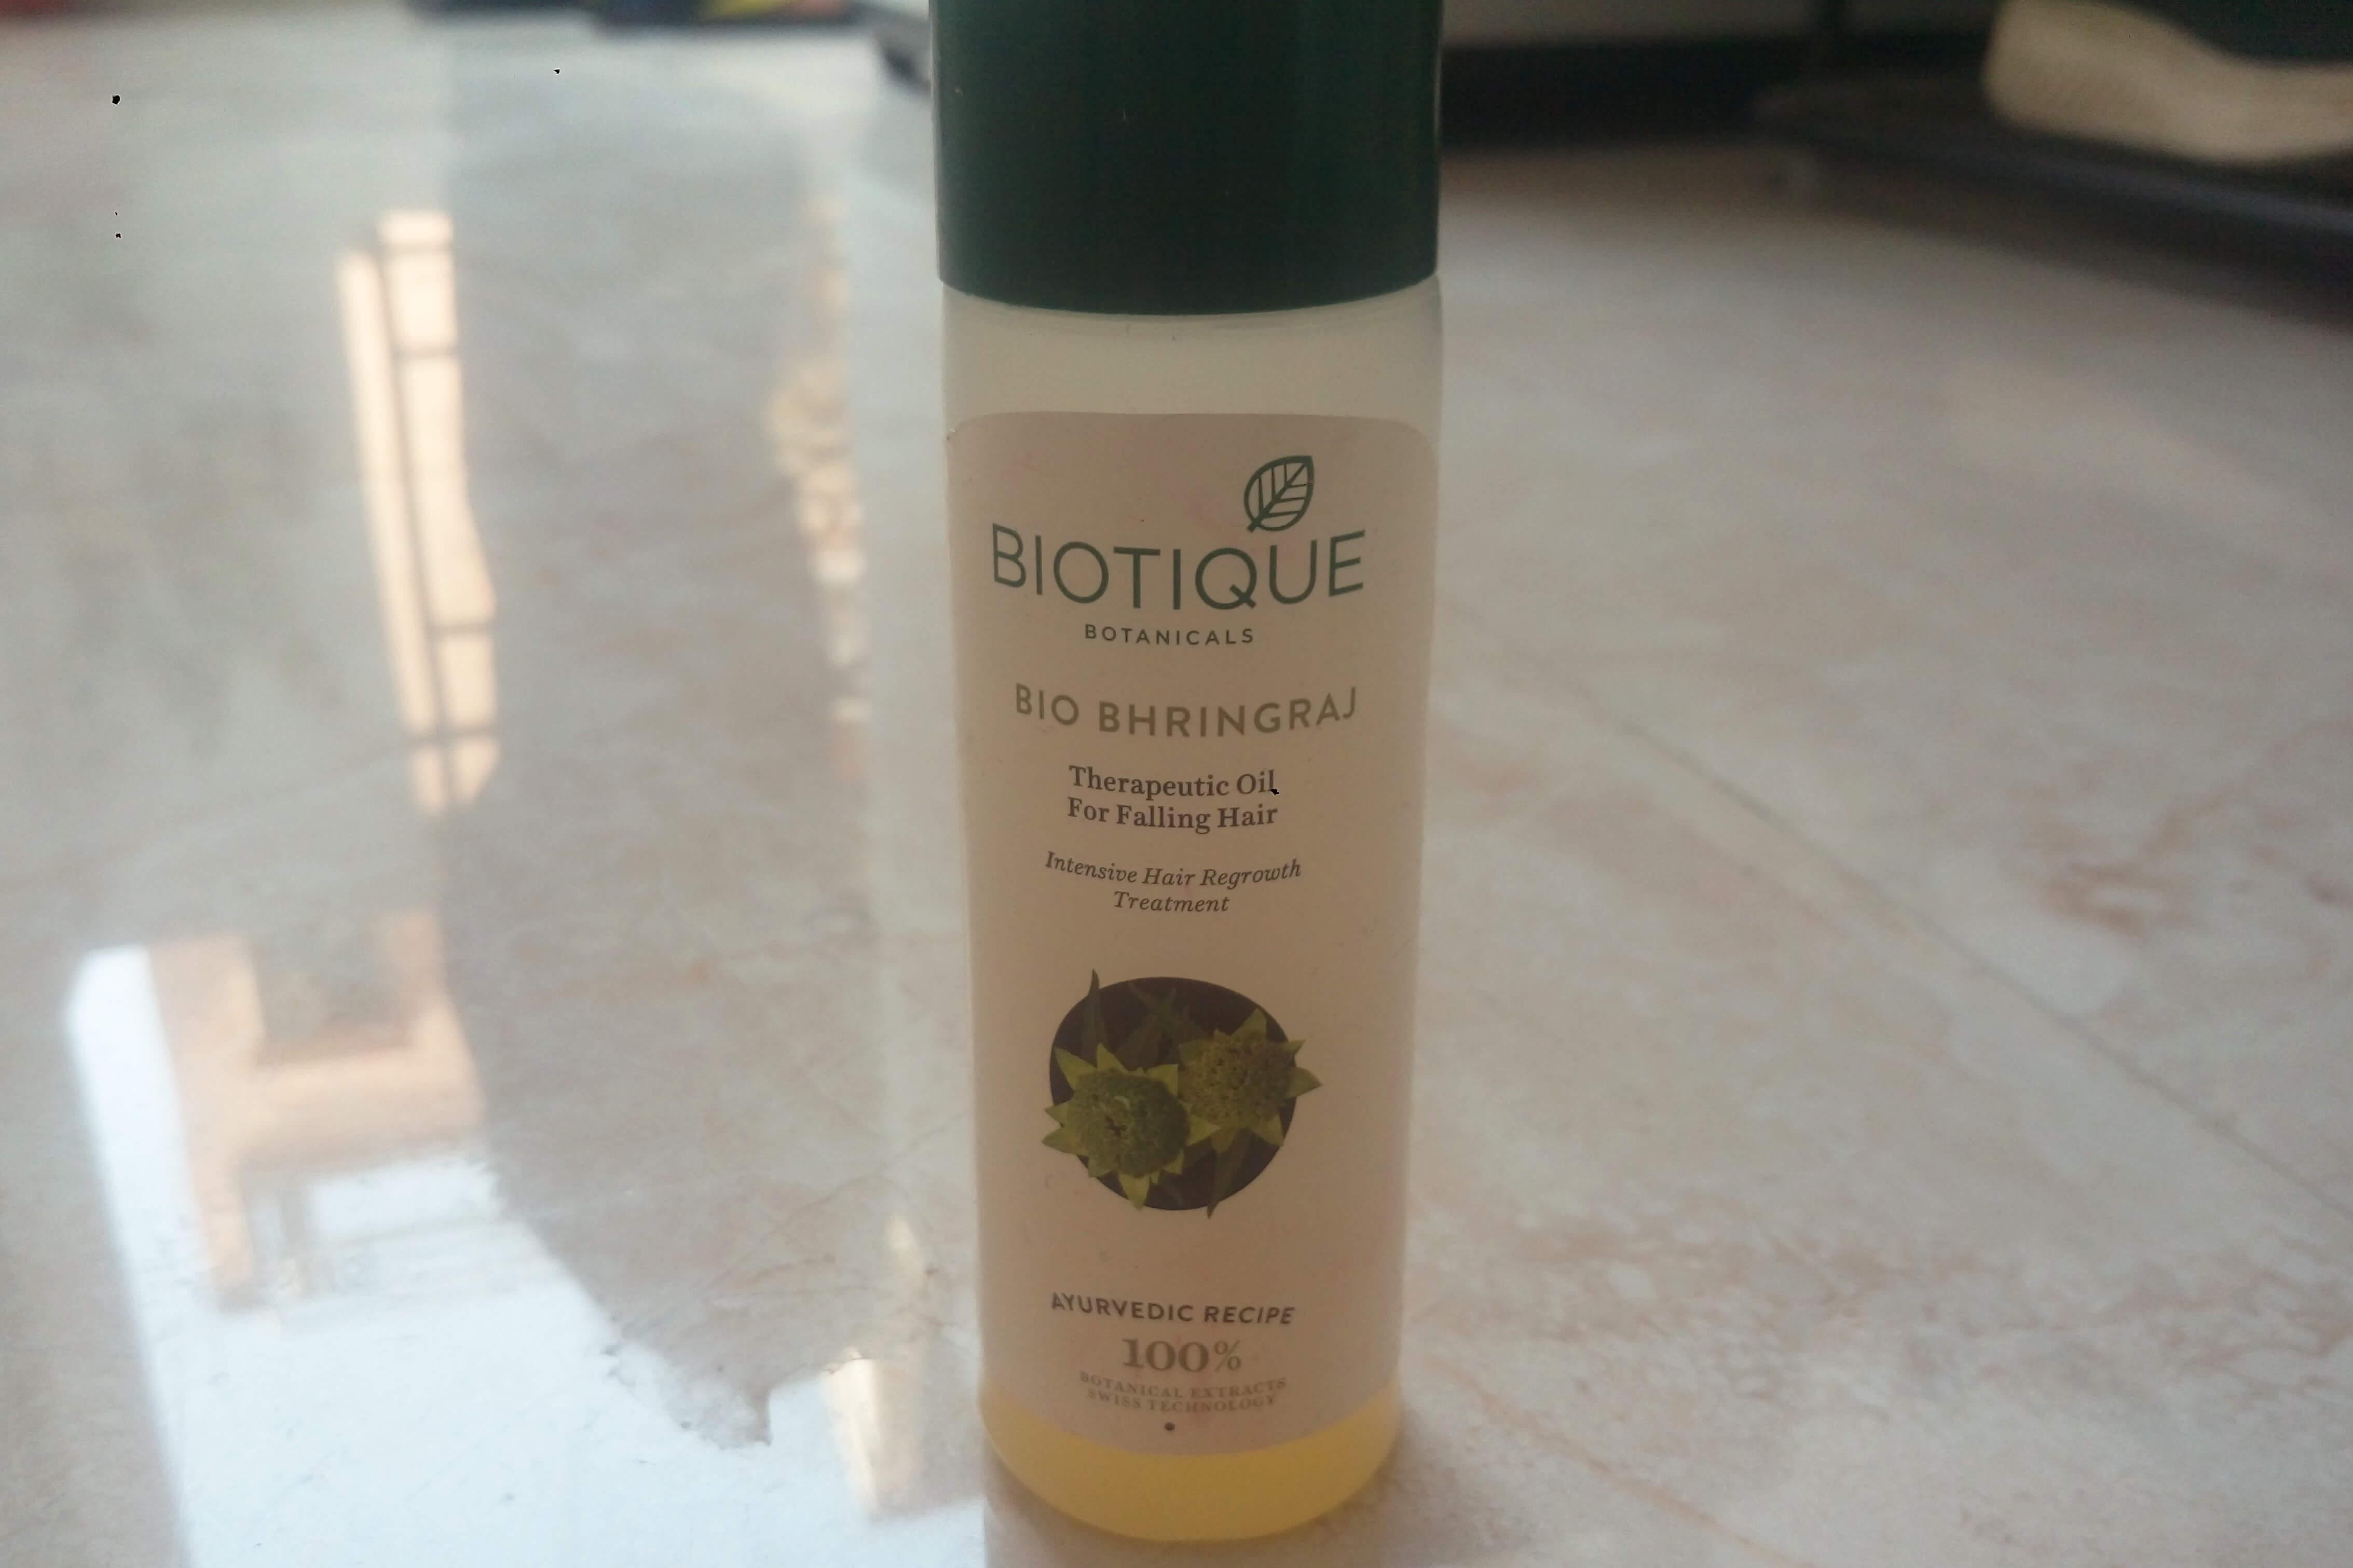 Biotique Bio Bhringraj Therapeutic Hair Oil